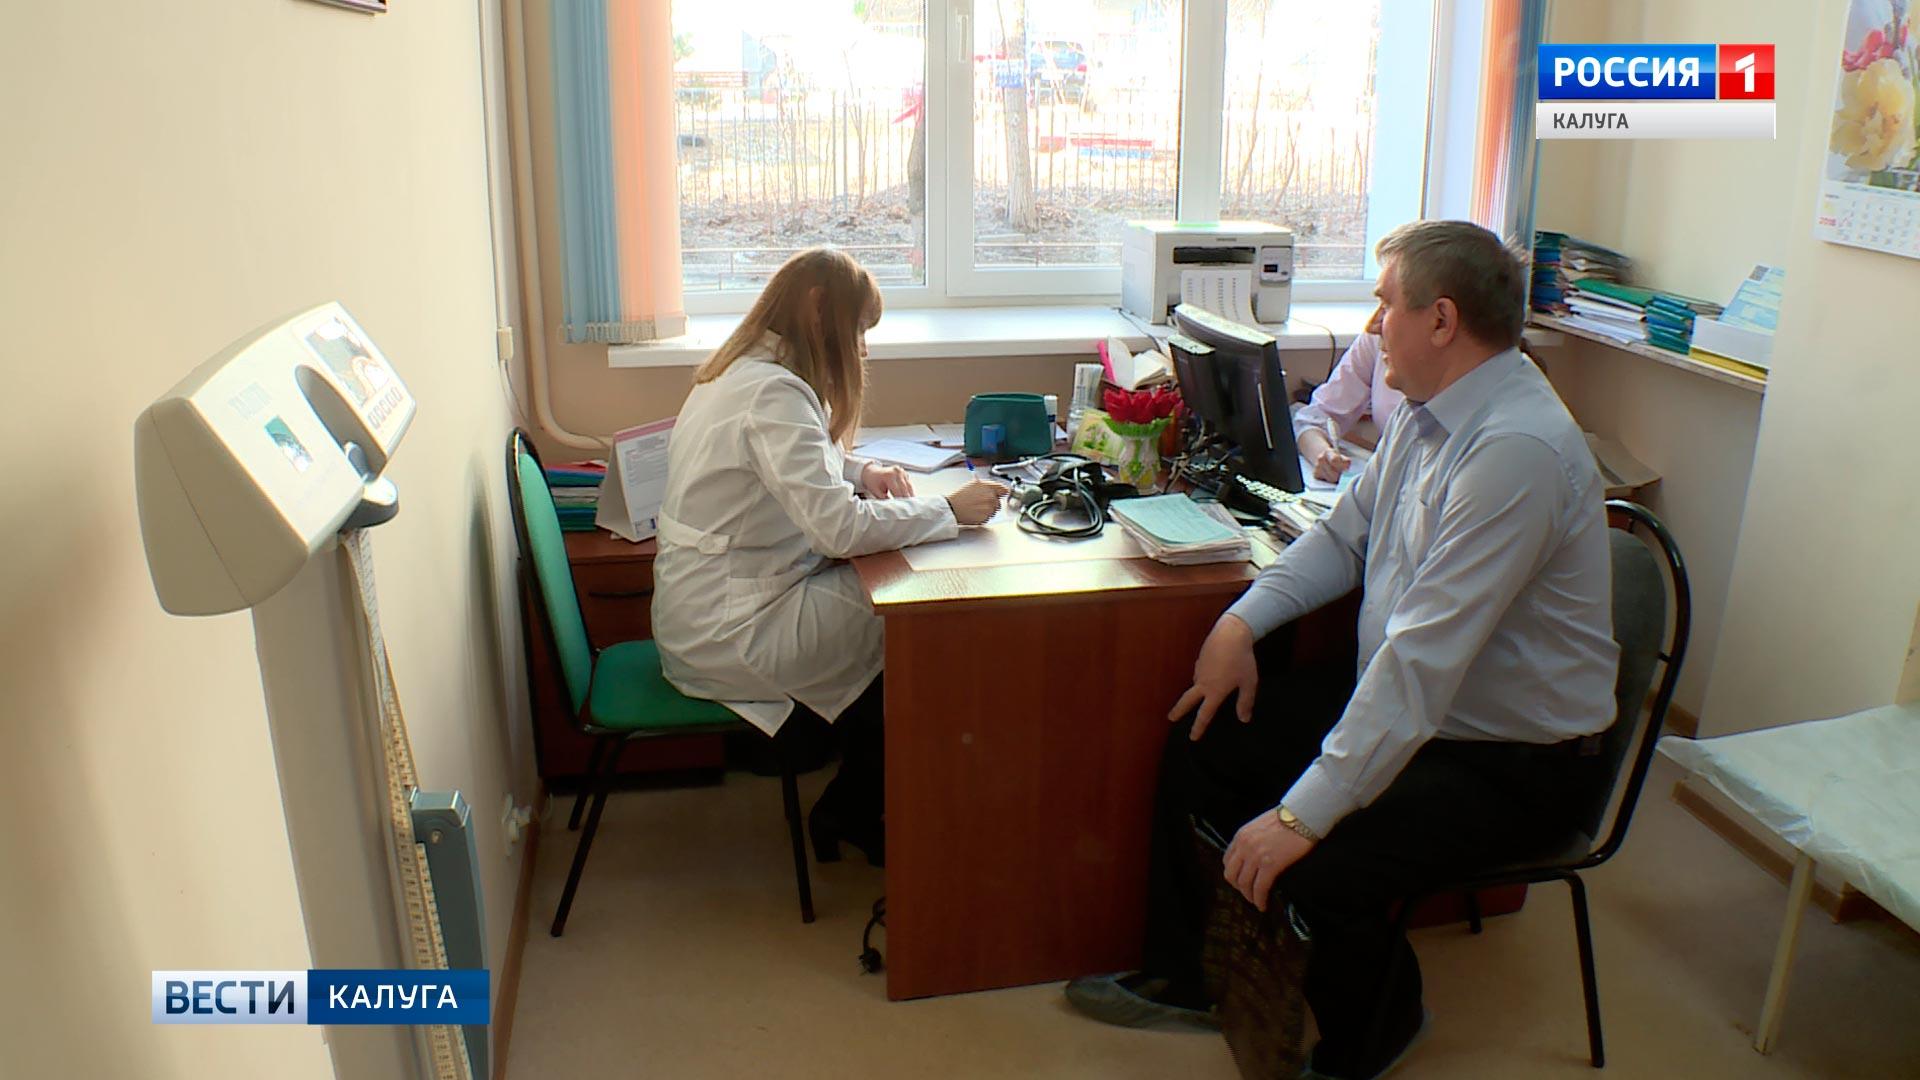 ВПриангарье снижается заболеваемость гриппом иОРВИ